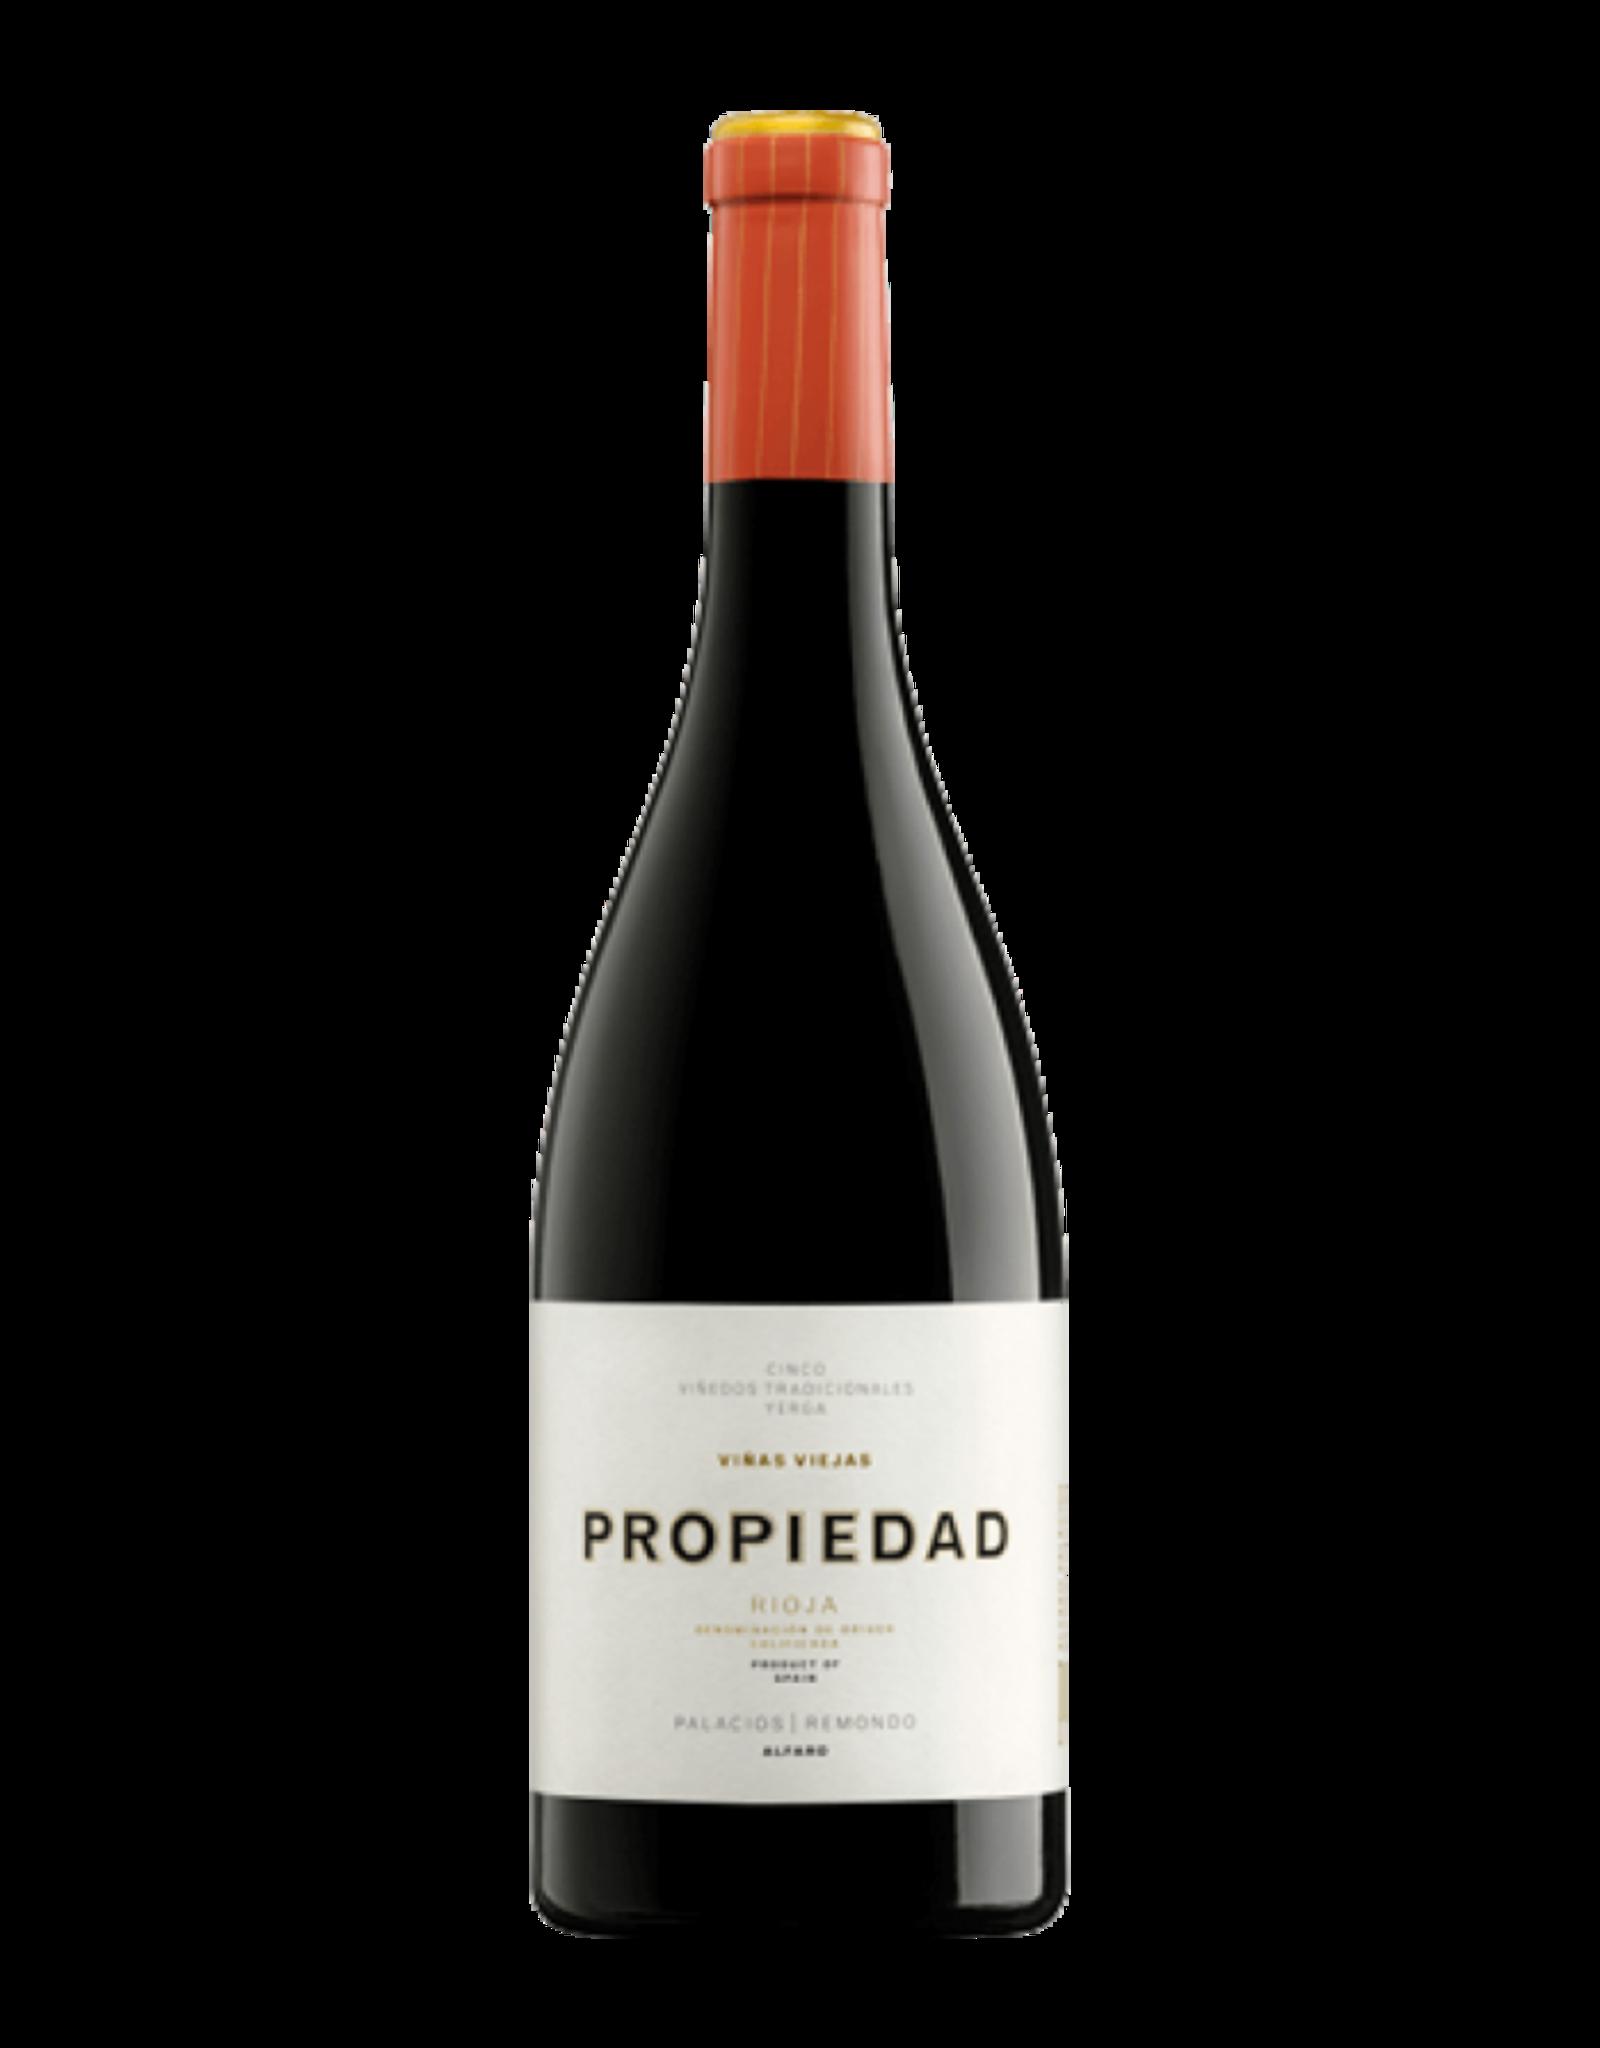 Propiedad Rioja 2015